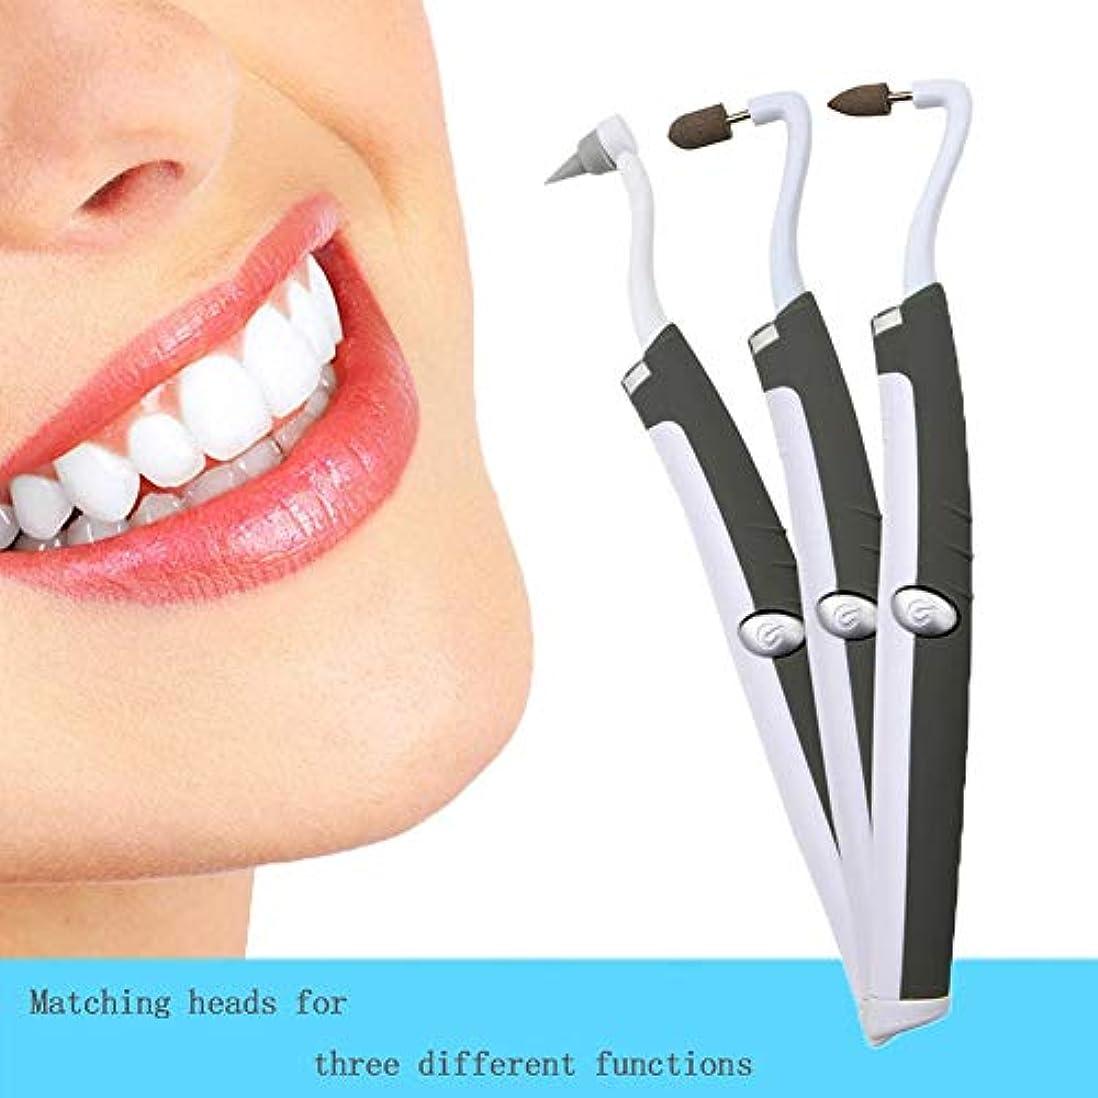 インセンティブ熱狂的な印をつける歯石除去剤-変色を取り除き、歯を白くする歯石除去剤歯石が歯を除去しますポーランドのスリップが歯垢の汚れを防ぎます(3頭)